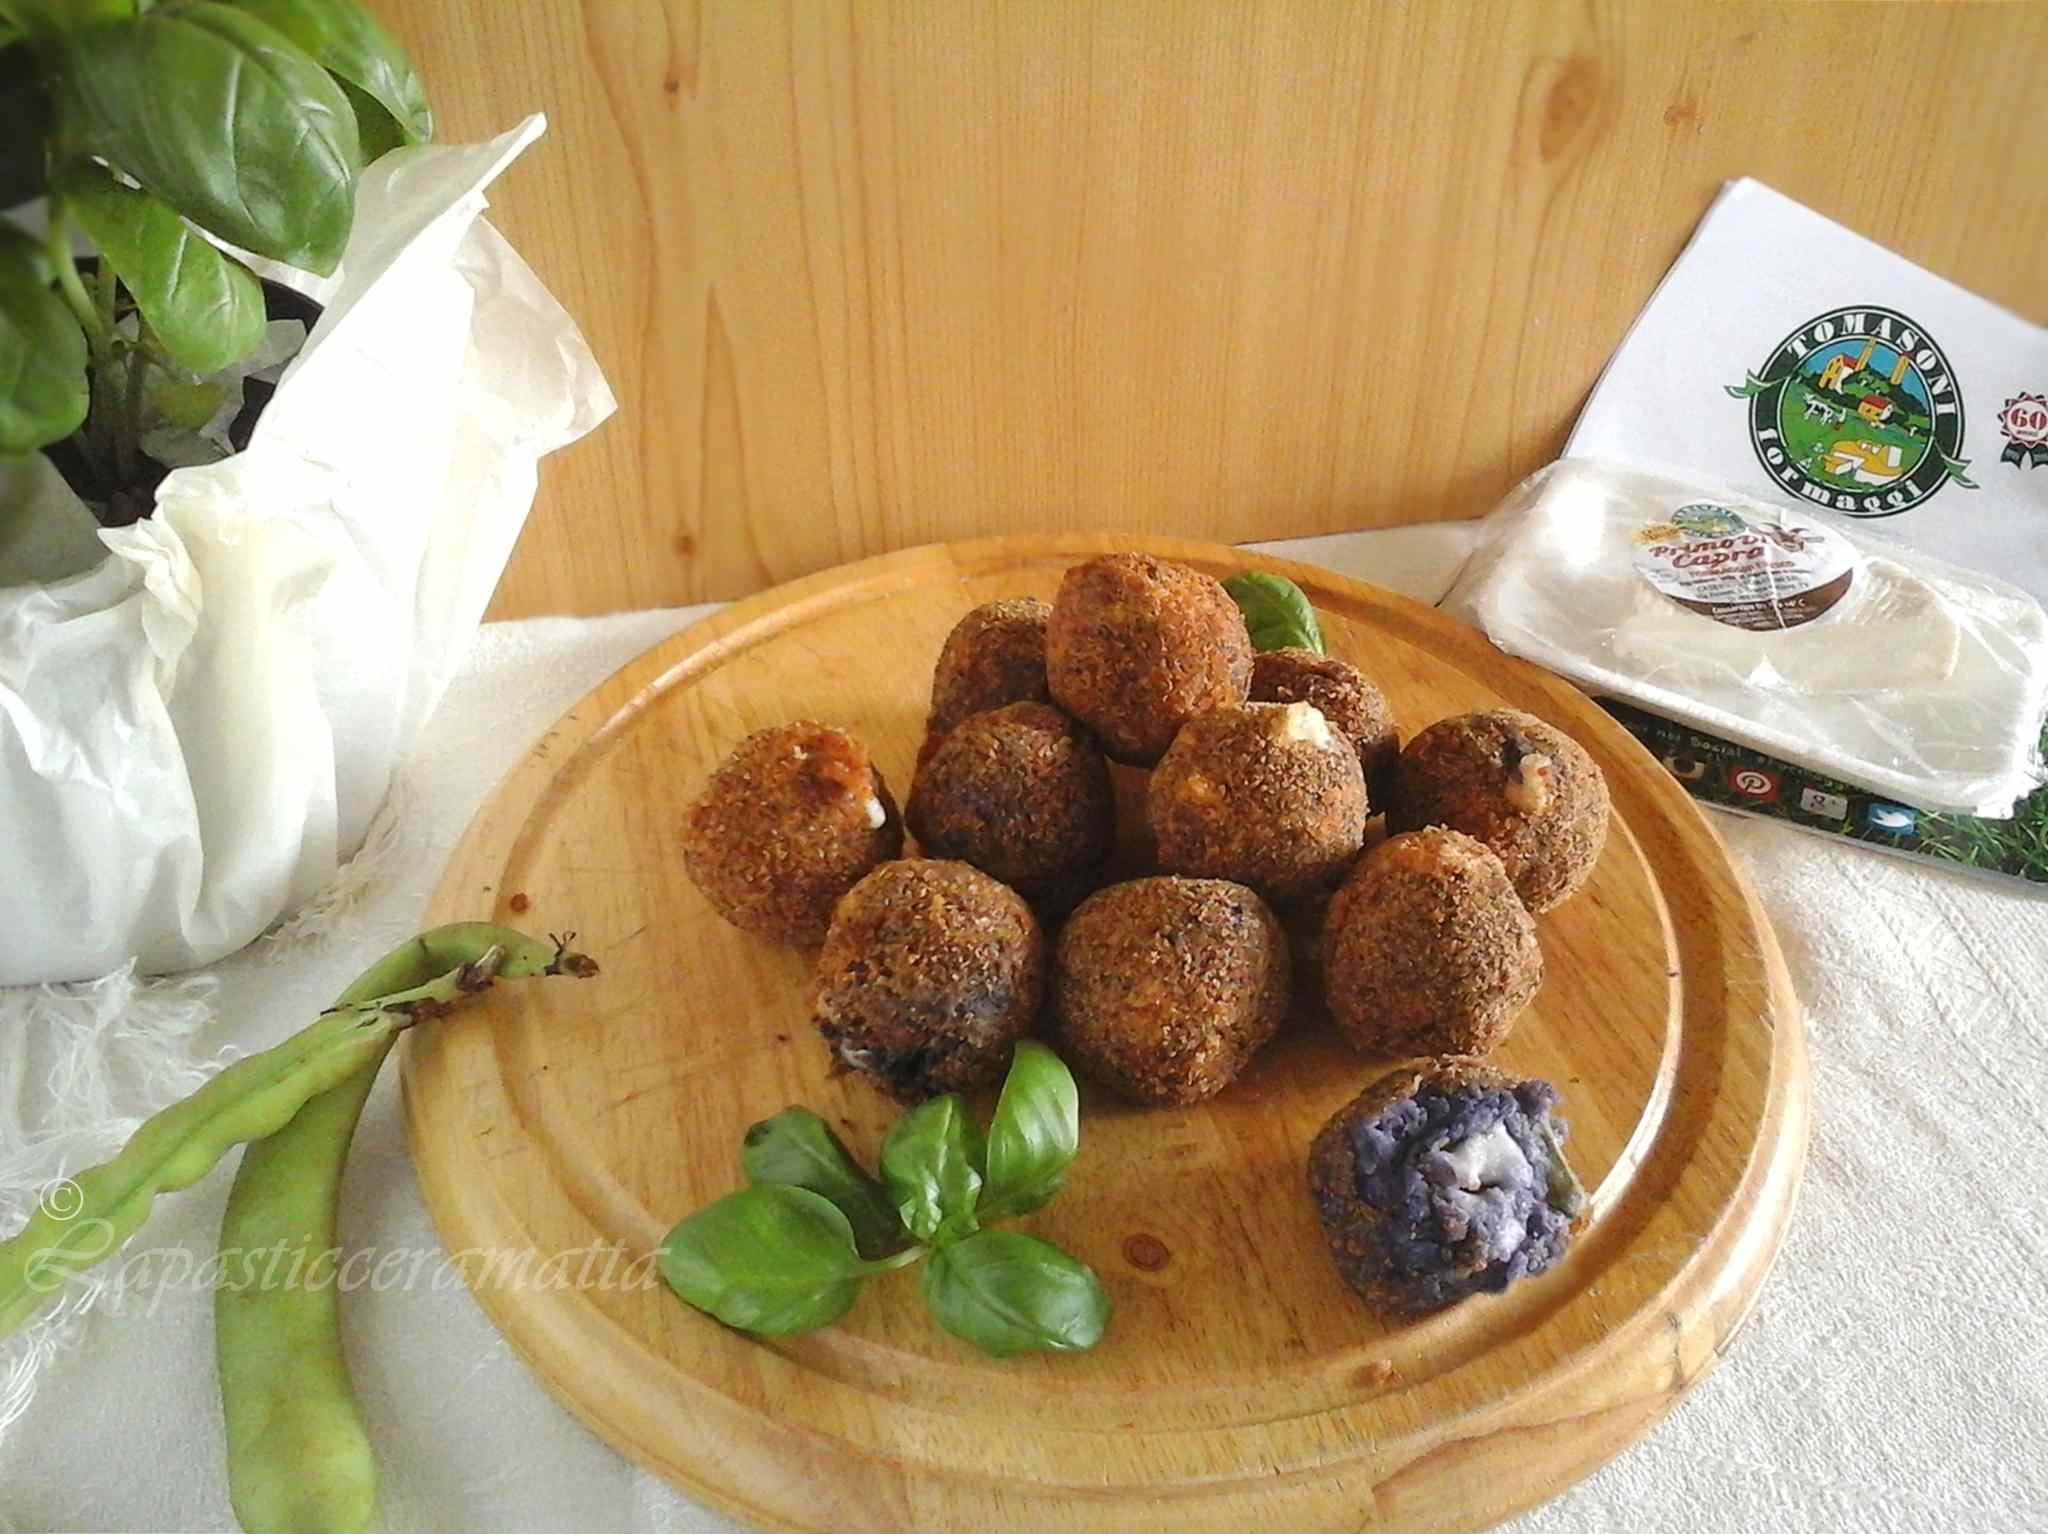 Polpette di patate viola fave e formaggio fresco di capra